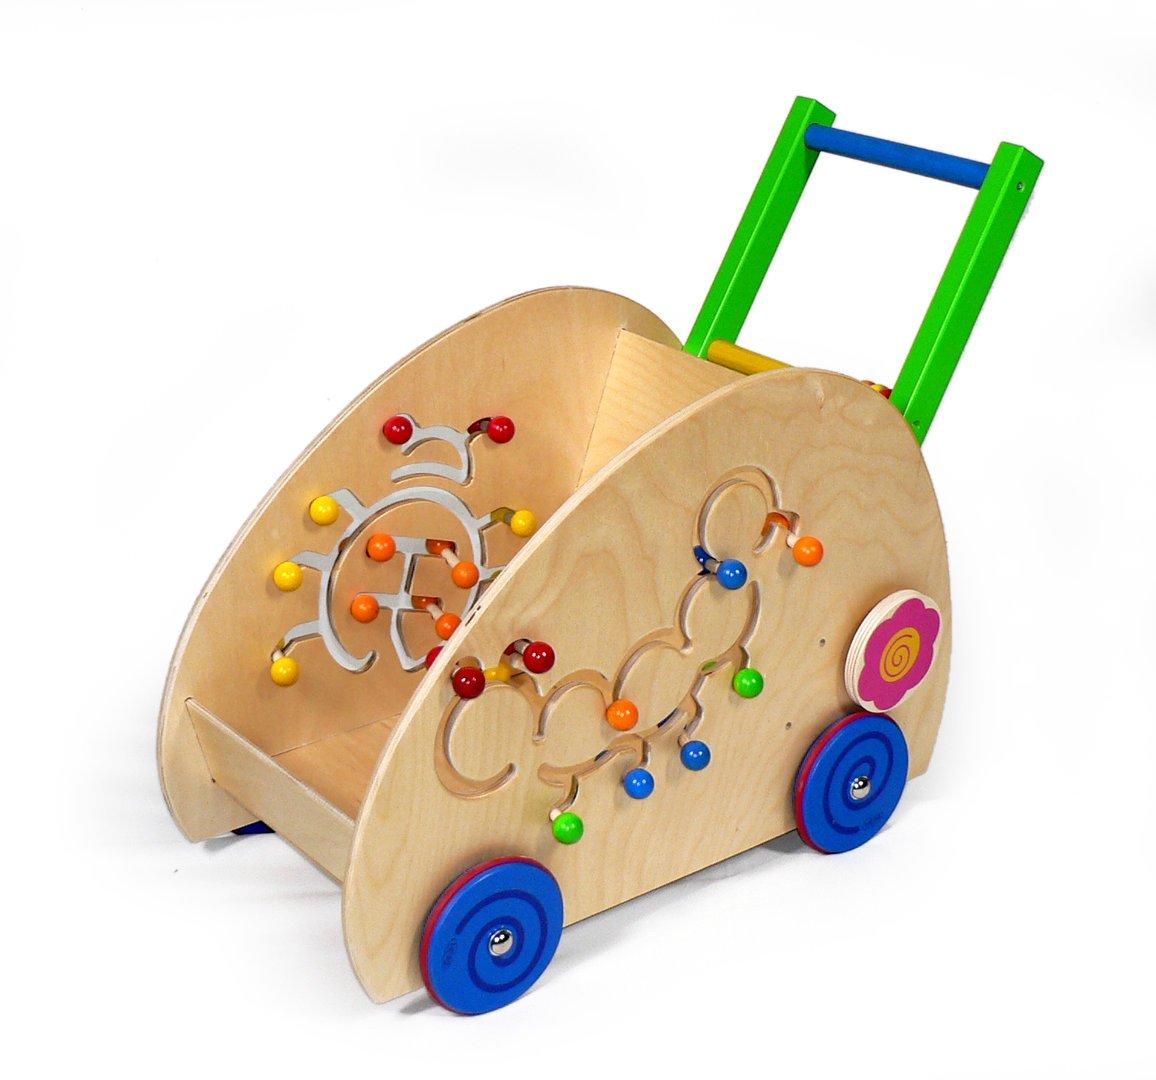 Corra el aprendizaje del coche, escarabajo/correa-tipo vehículo 520 x 300 x 380 corridos OTRA VEZ aprendiendo la madera del coche del funcionamiento de la ayuda